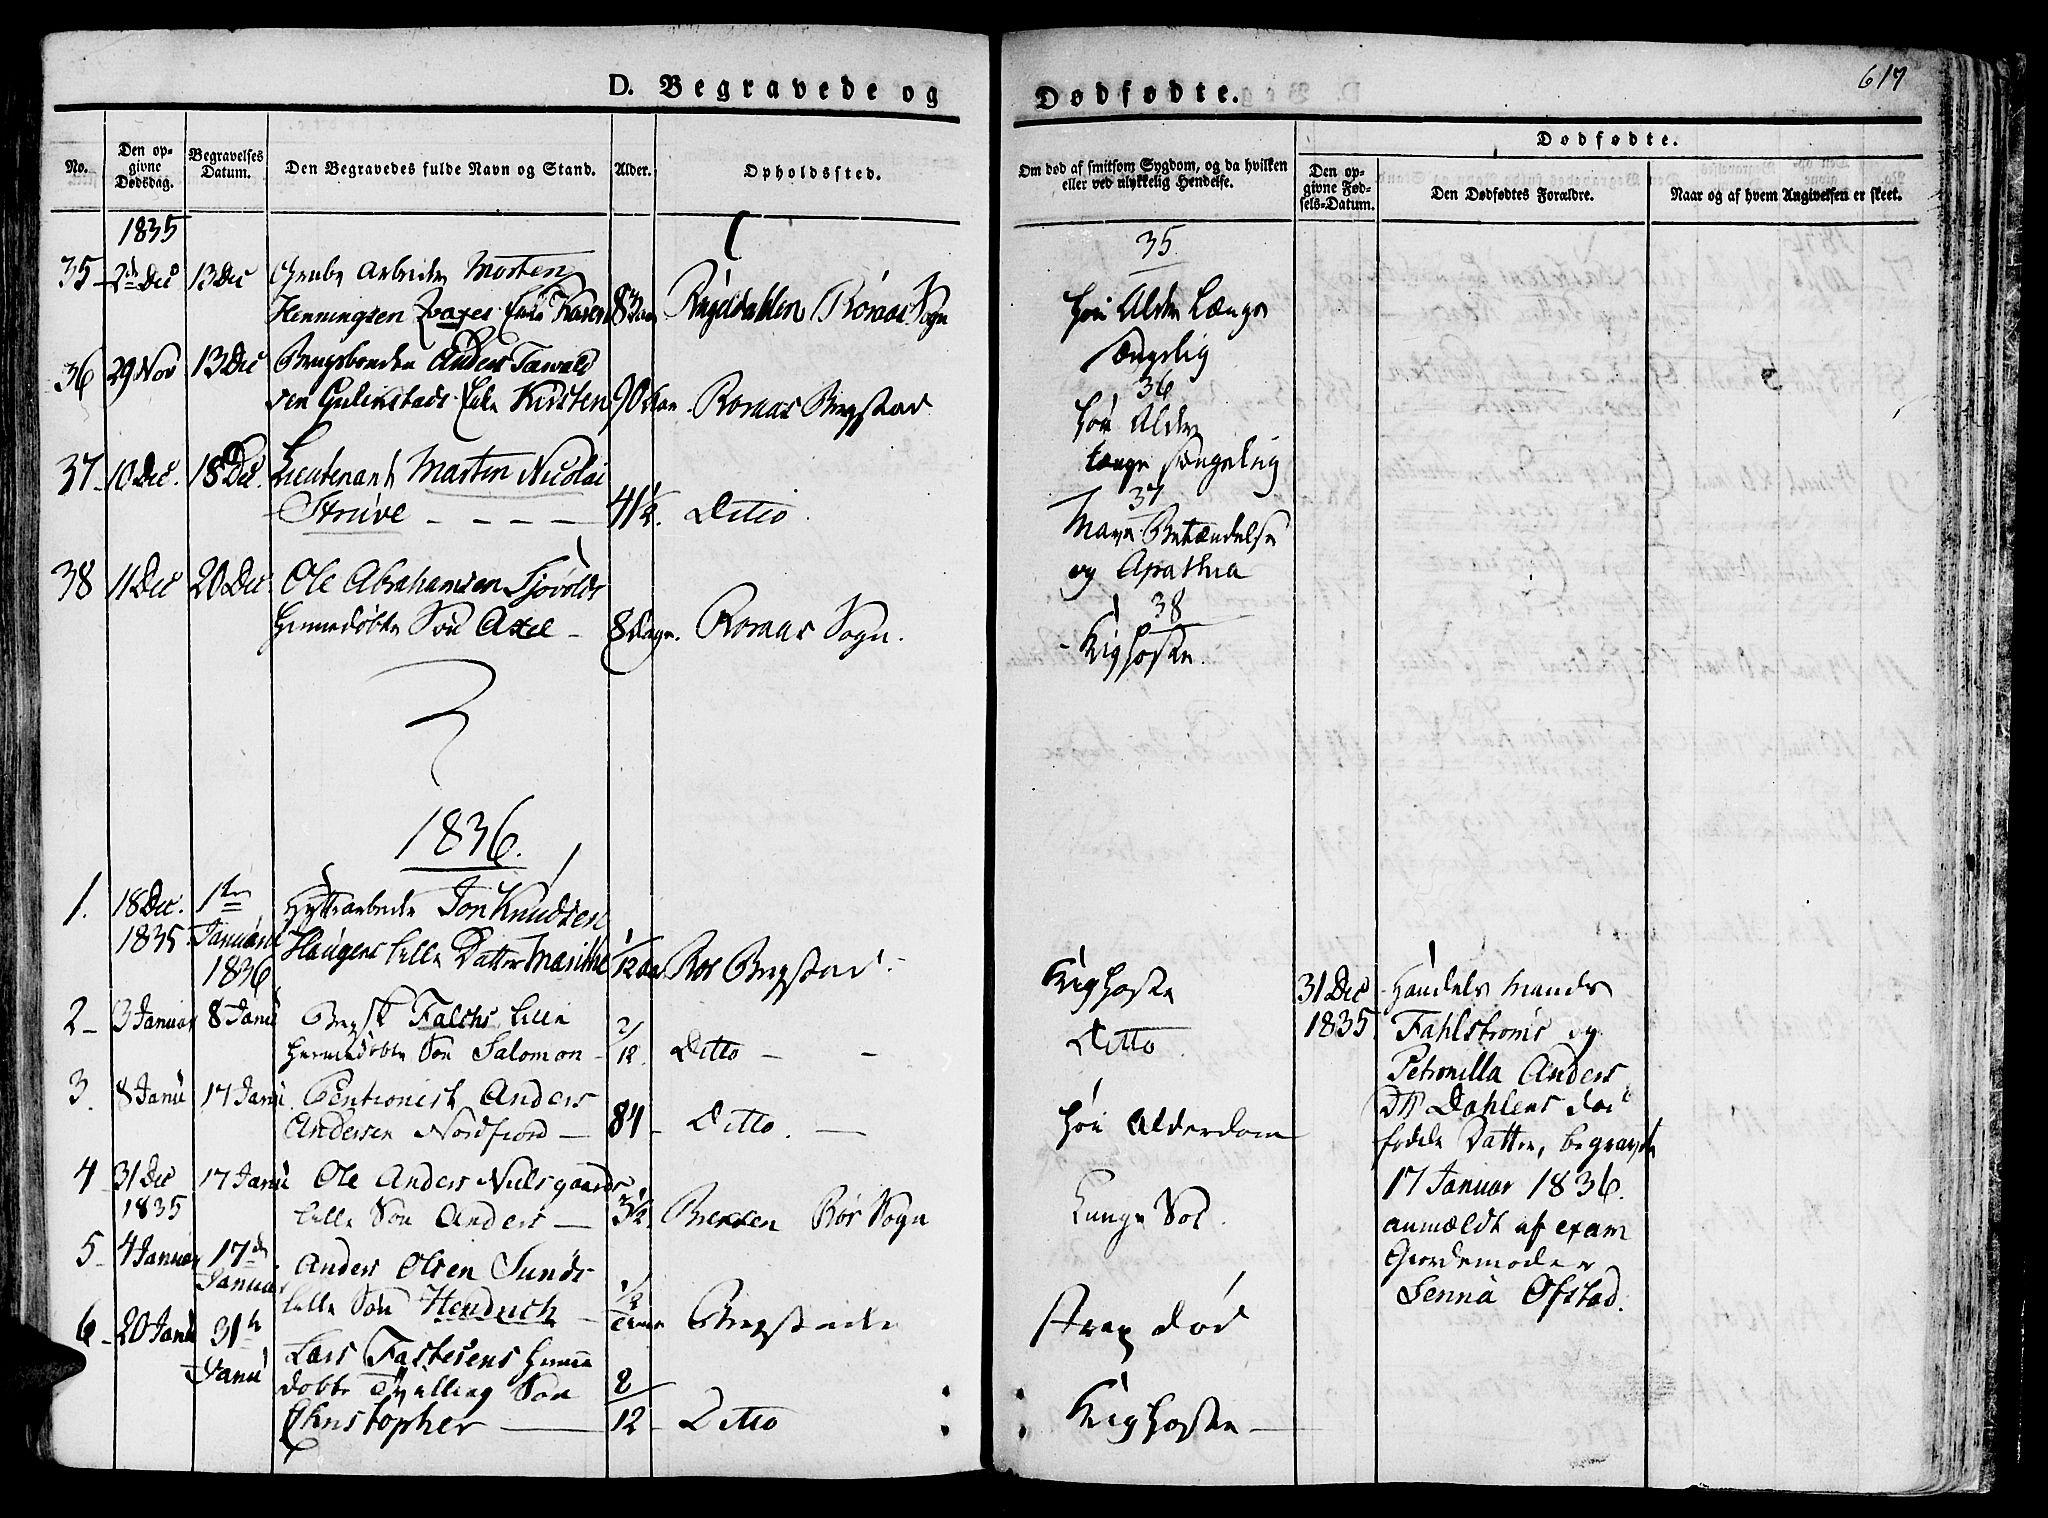 SAT, Ministerialprotokoller, klokkerbøker og fødselsregistre - Sør-Trøndelag, 681/L0930: Ministerialbok nr. 681A08, 1829-1844, s. 617